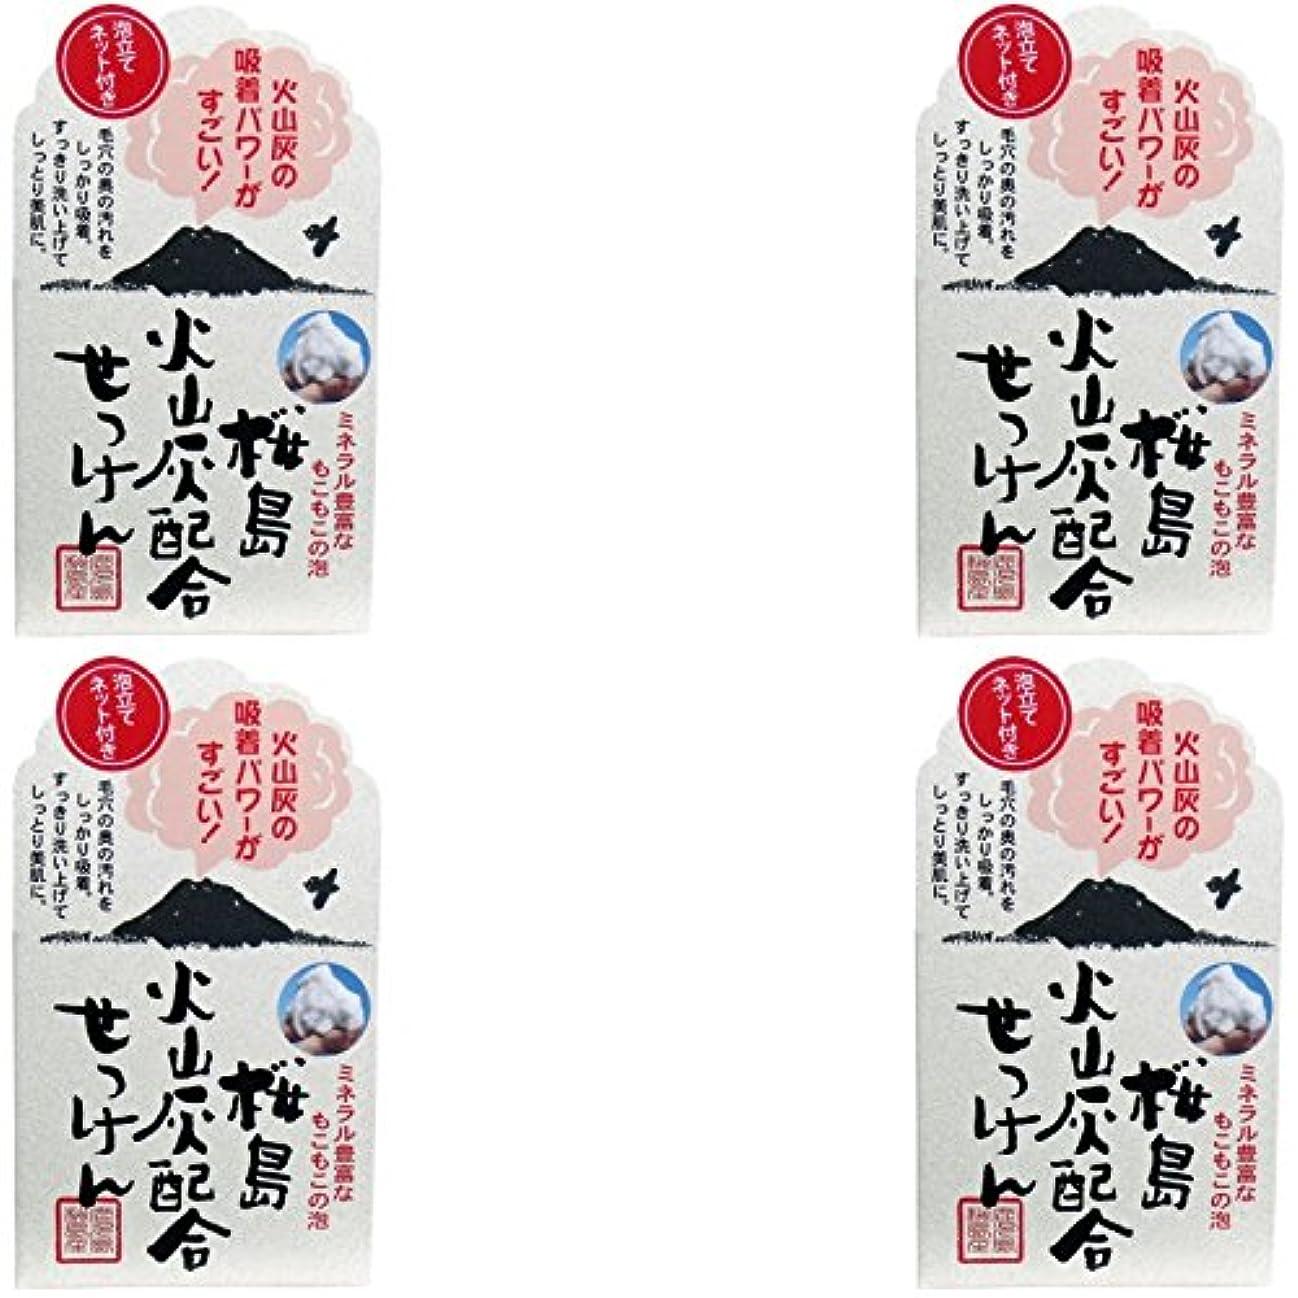 スコアバレルからかう【まとめ買い】ユゼ 桜島火山灰配合せっけん【×4個】